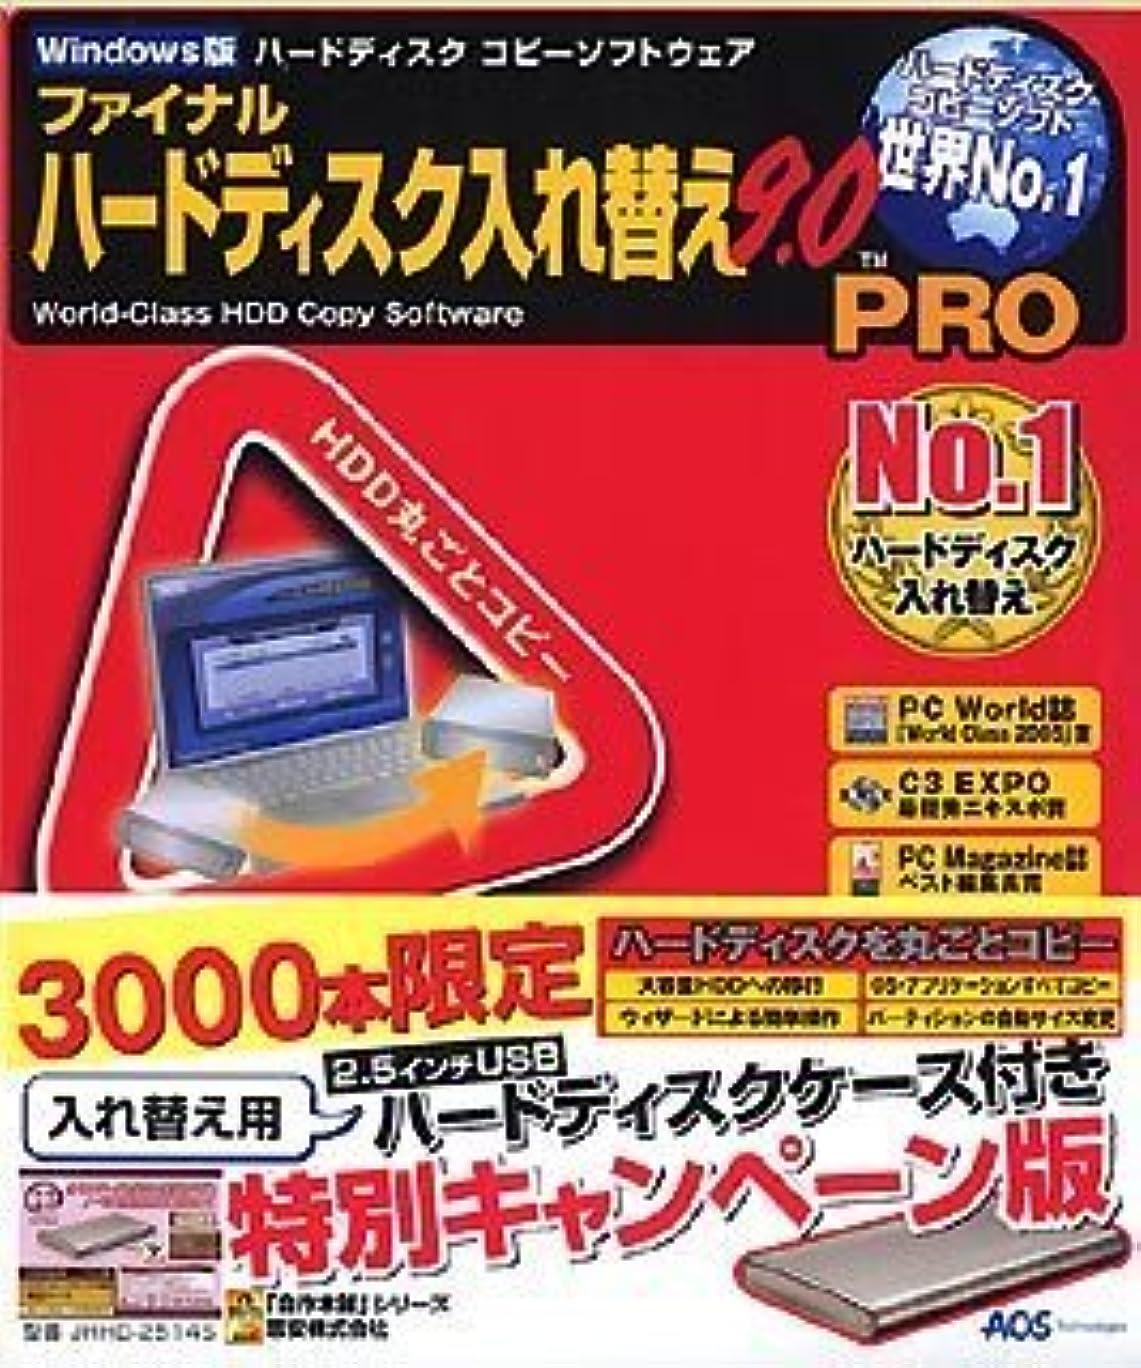 ファイナルハードディスク入れ替え9.0 PRO(2.5インチHDDケース付き)